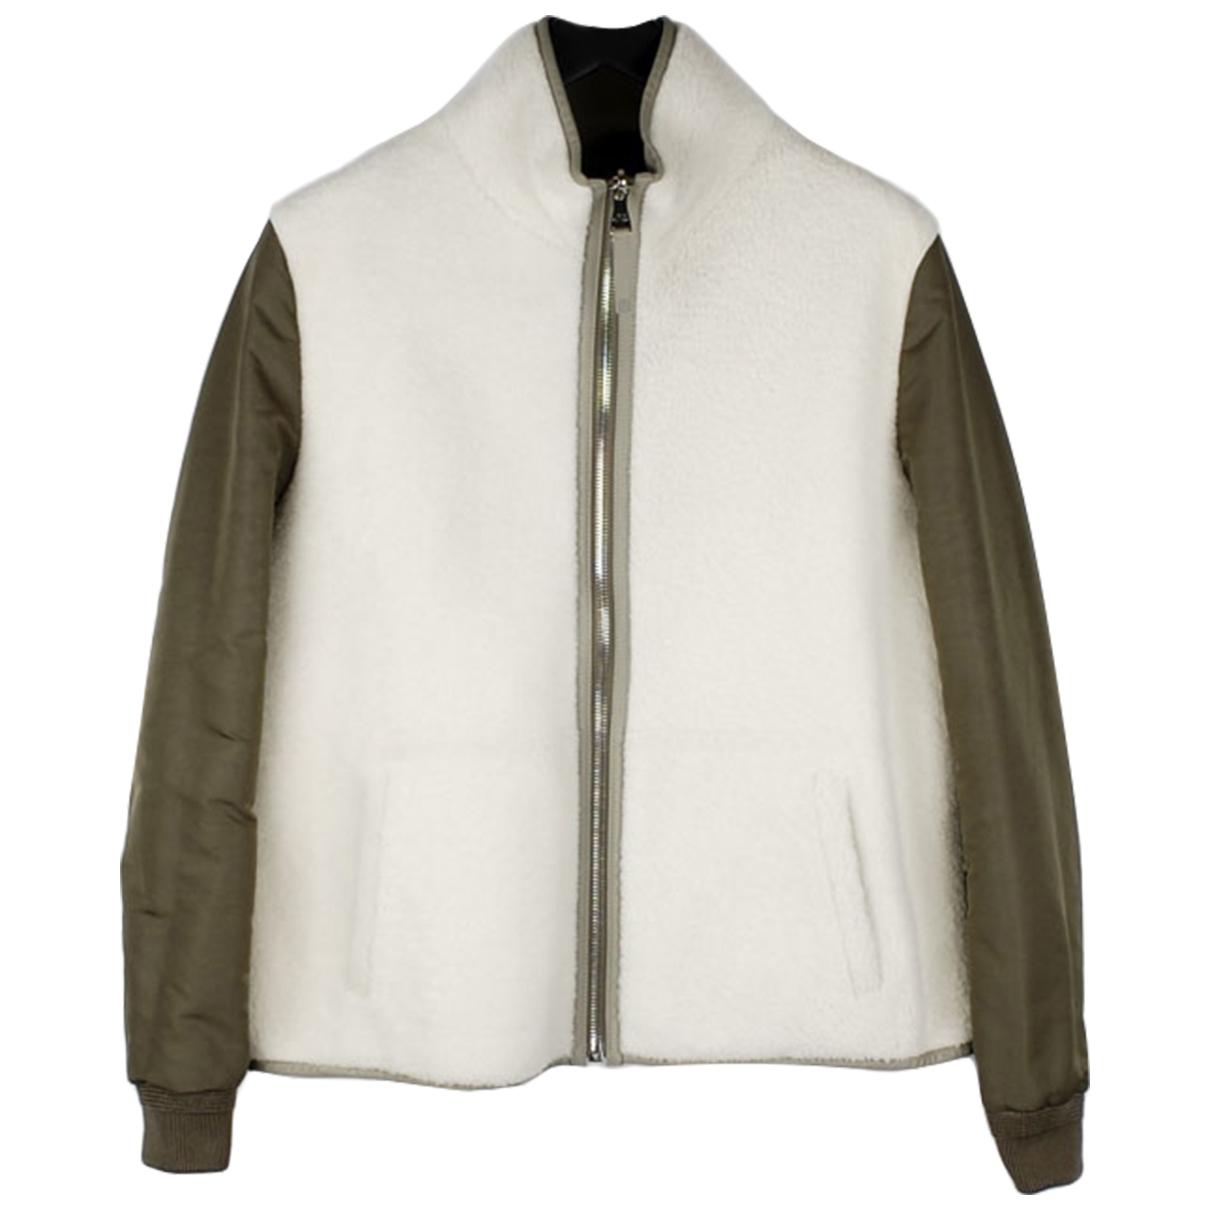 Louis Vuitton - Vestes.Blousons   pour homme en mouton - kaki